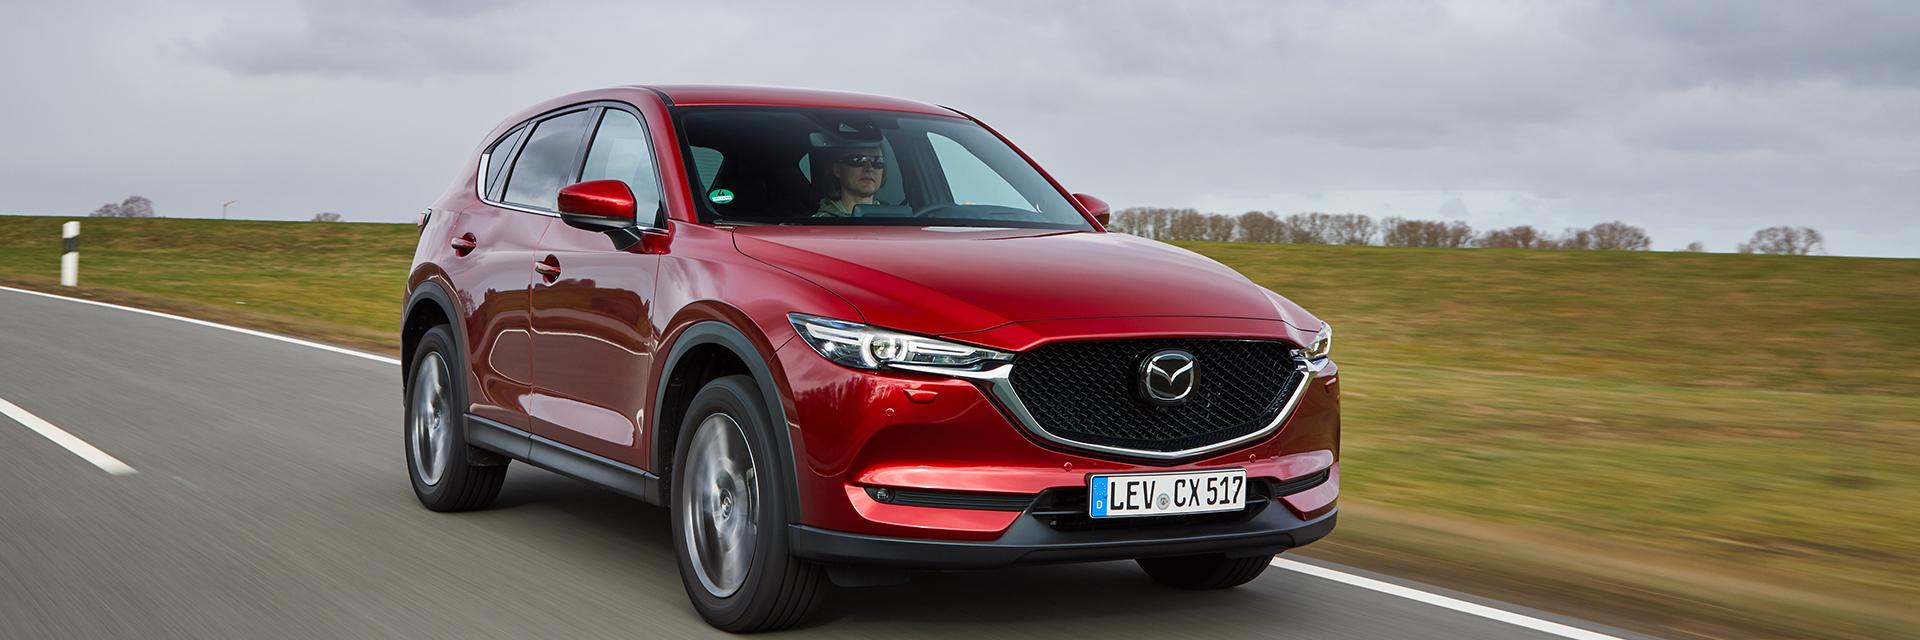 Mazda CX5 PKW Süverkrüp